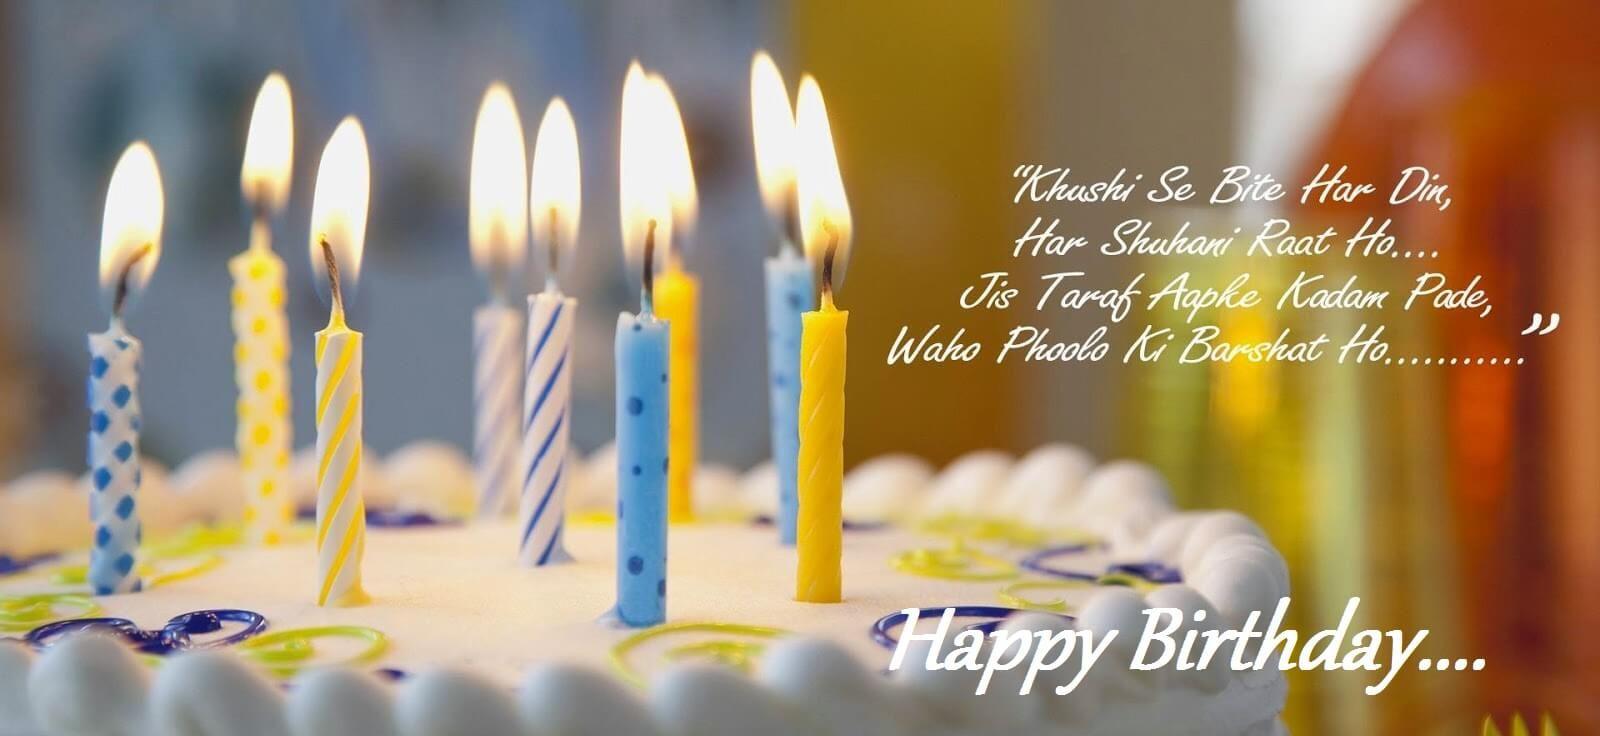 Romantic Birthday Shayari In Hindi English Http